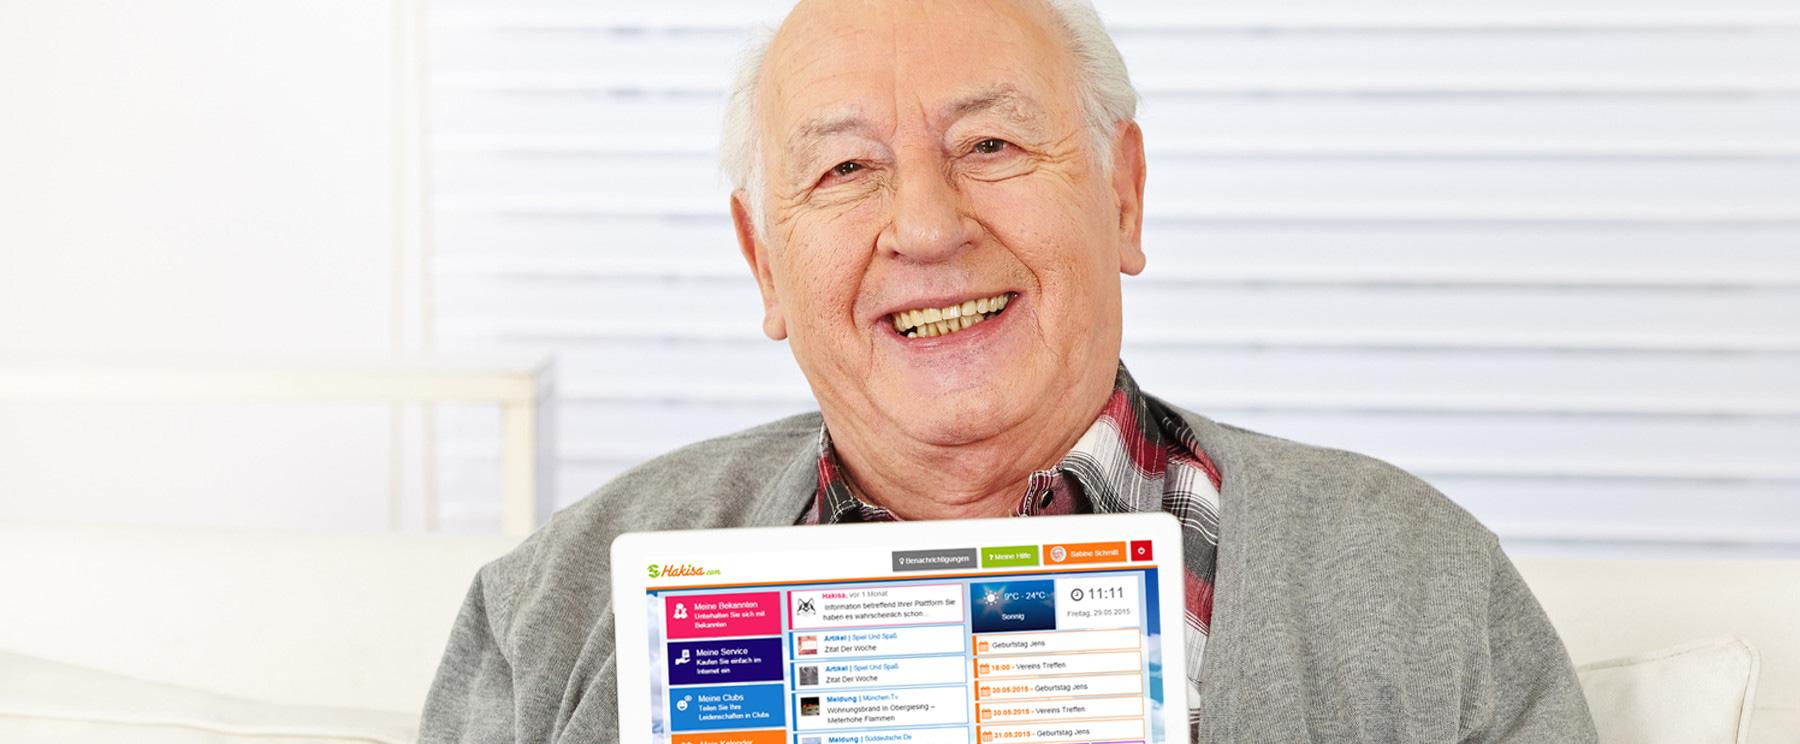 Senior avec Tablette - Donner confiance pour l'utilisation d'internet